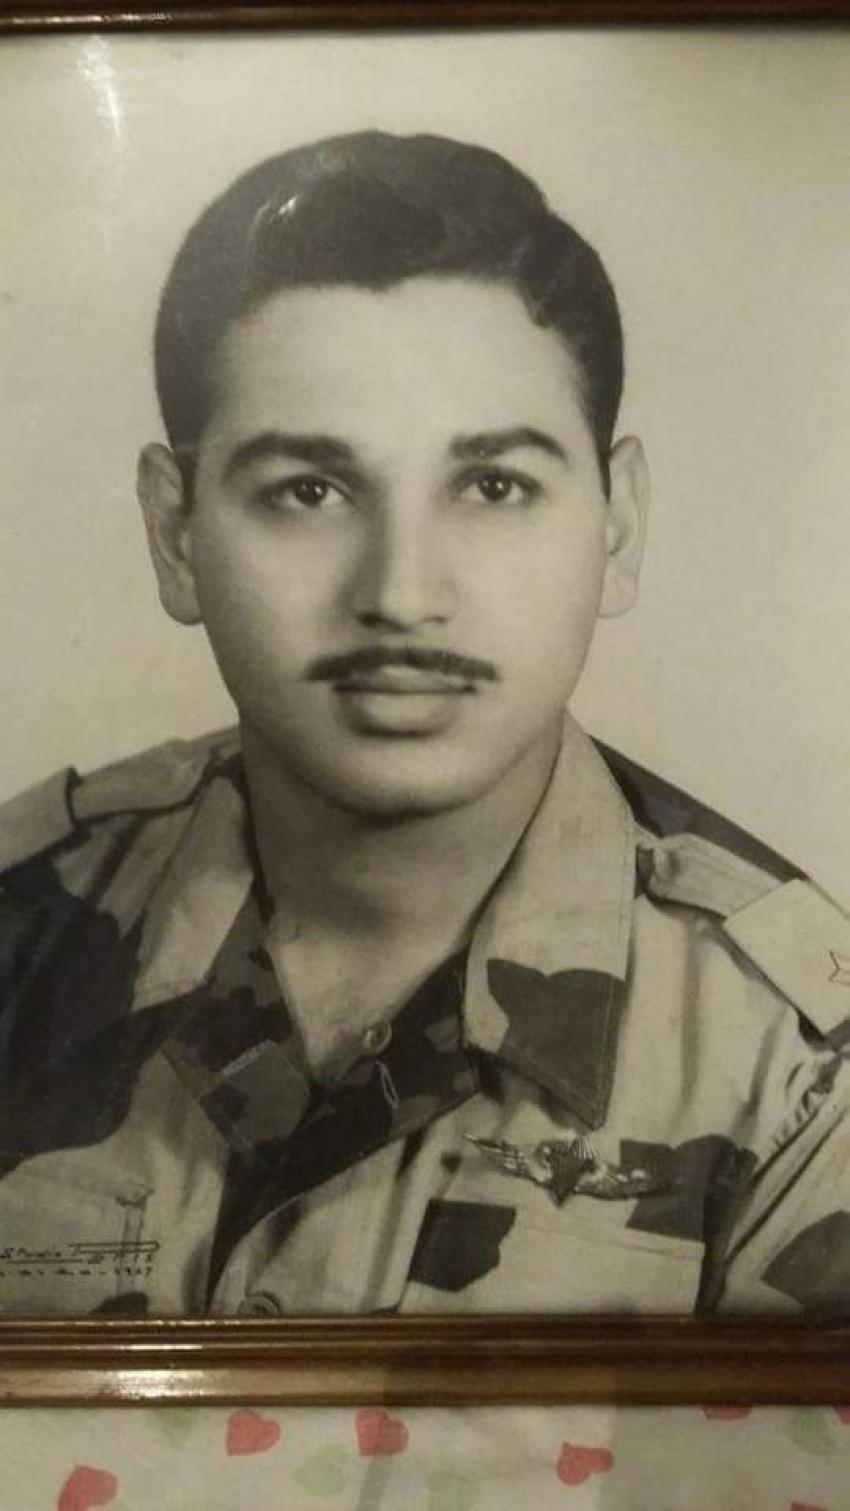 اللواء محمد وئام سالم  أحد ابطال سلاح الصاعقة و المجموعة 39 قتال  بحرب الاستنزاف و نصر اكتوبر 1973   ا